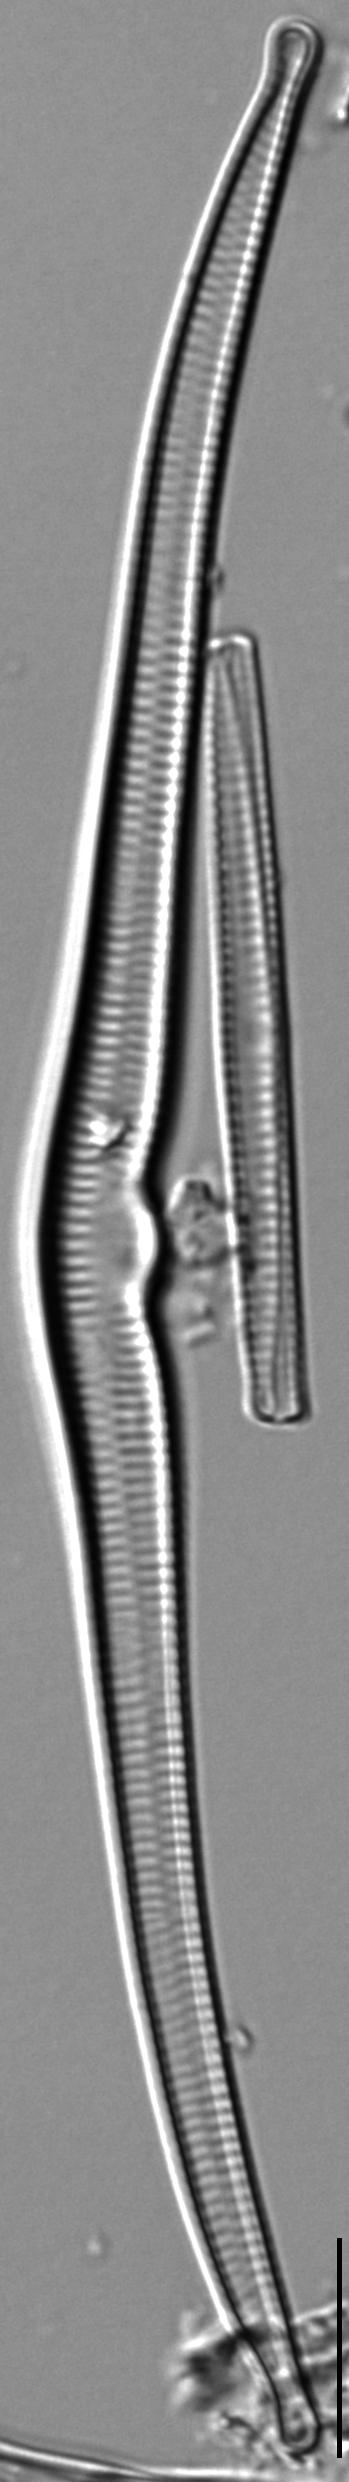 Hannaea superiorensis LM1